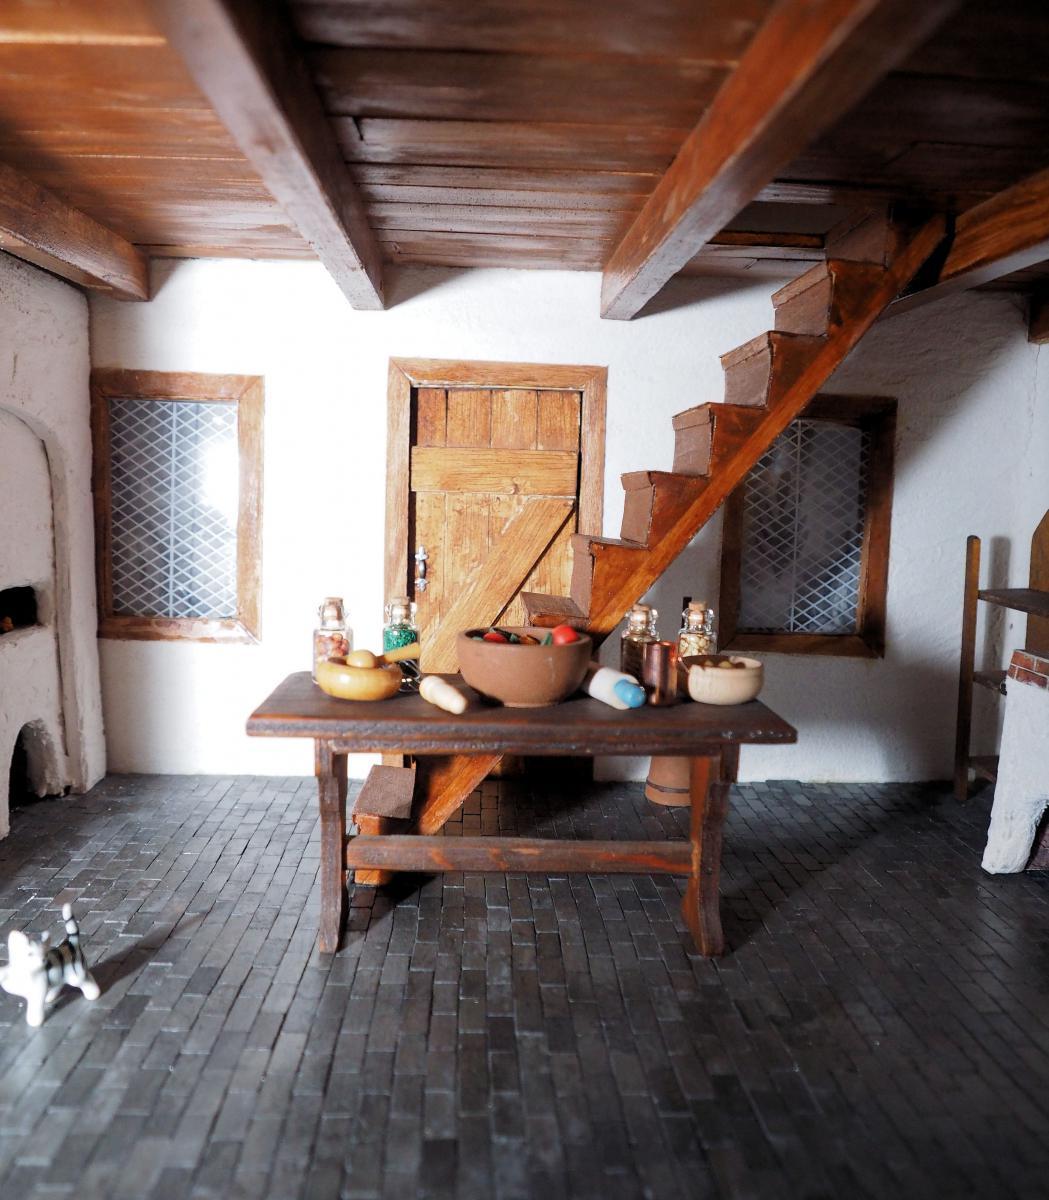 1 kitchen P1150060 1.jpg